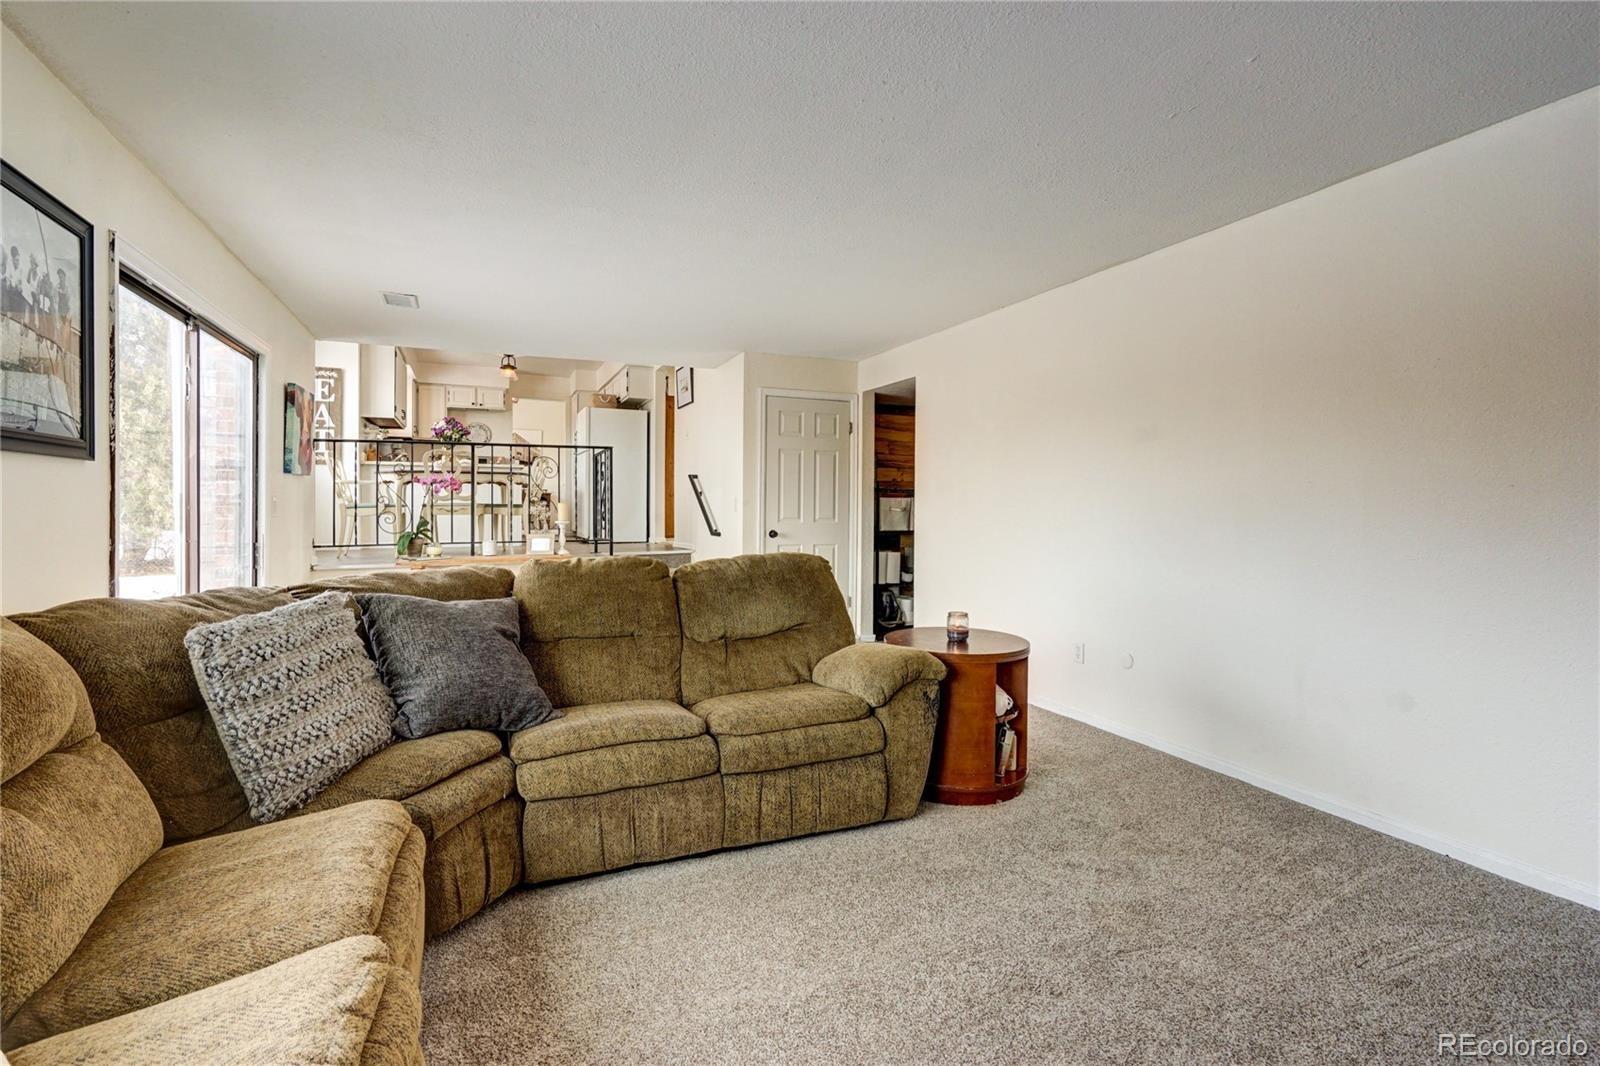 MLS# 1802926 - 16 - 7271 W Weaver Place, Littleton, CO 80123